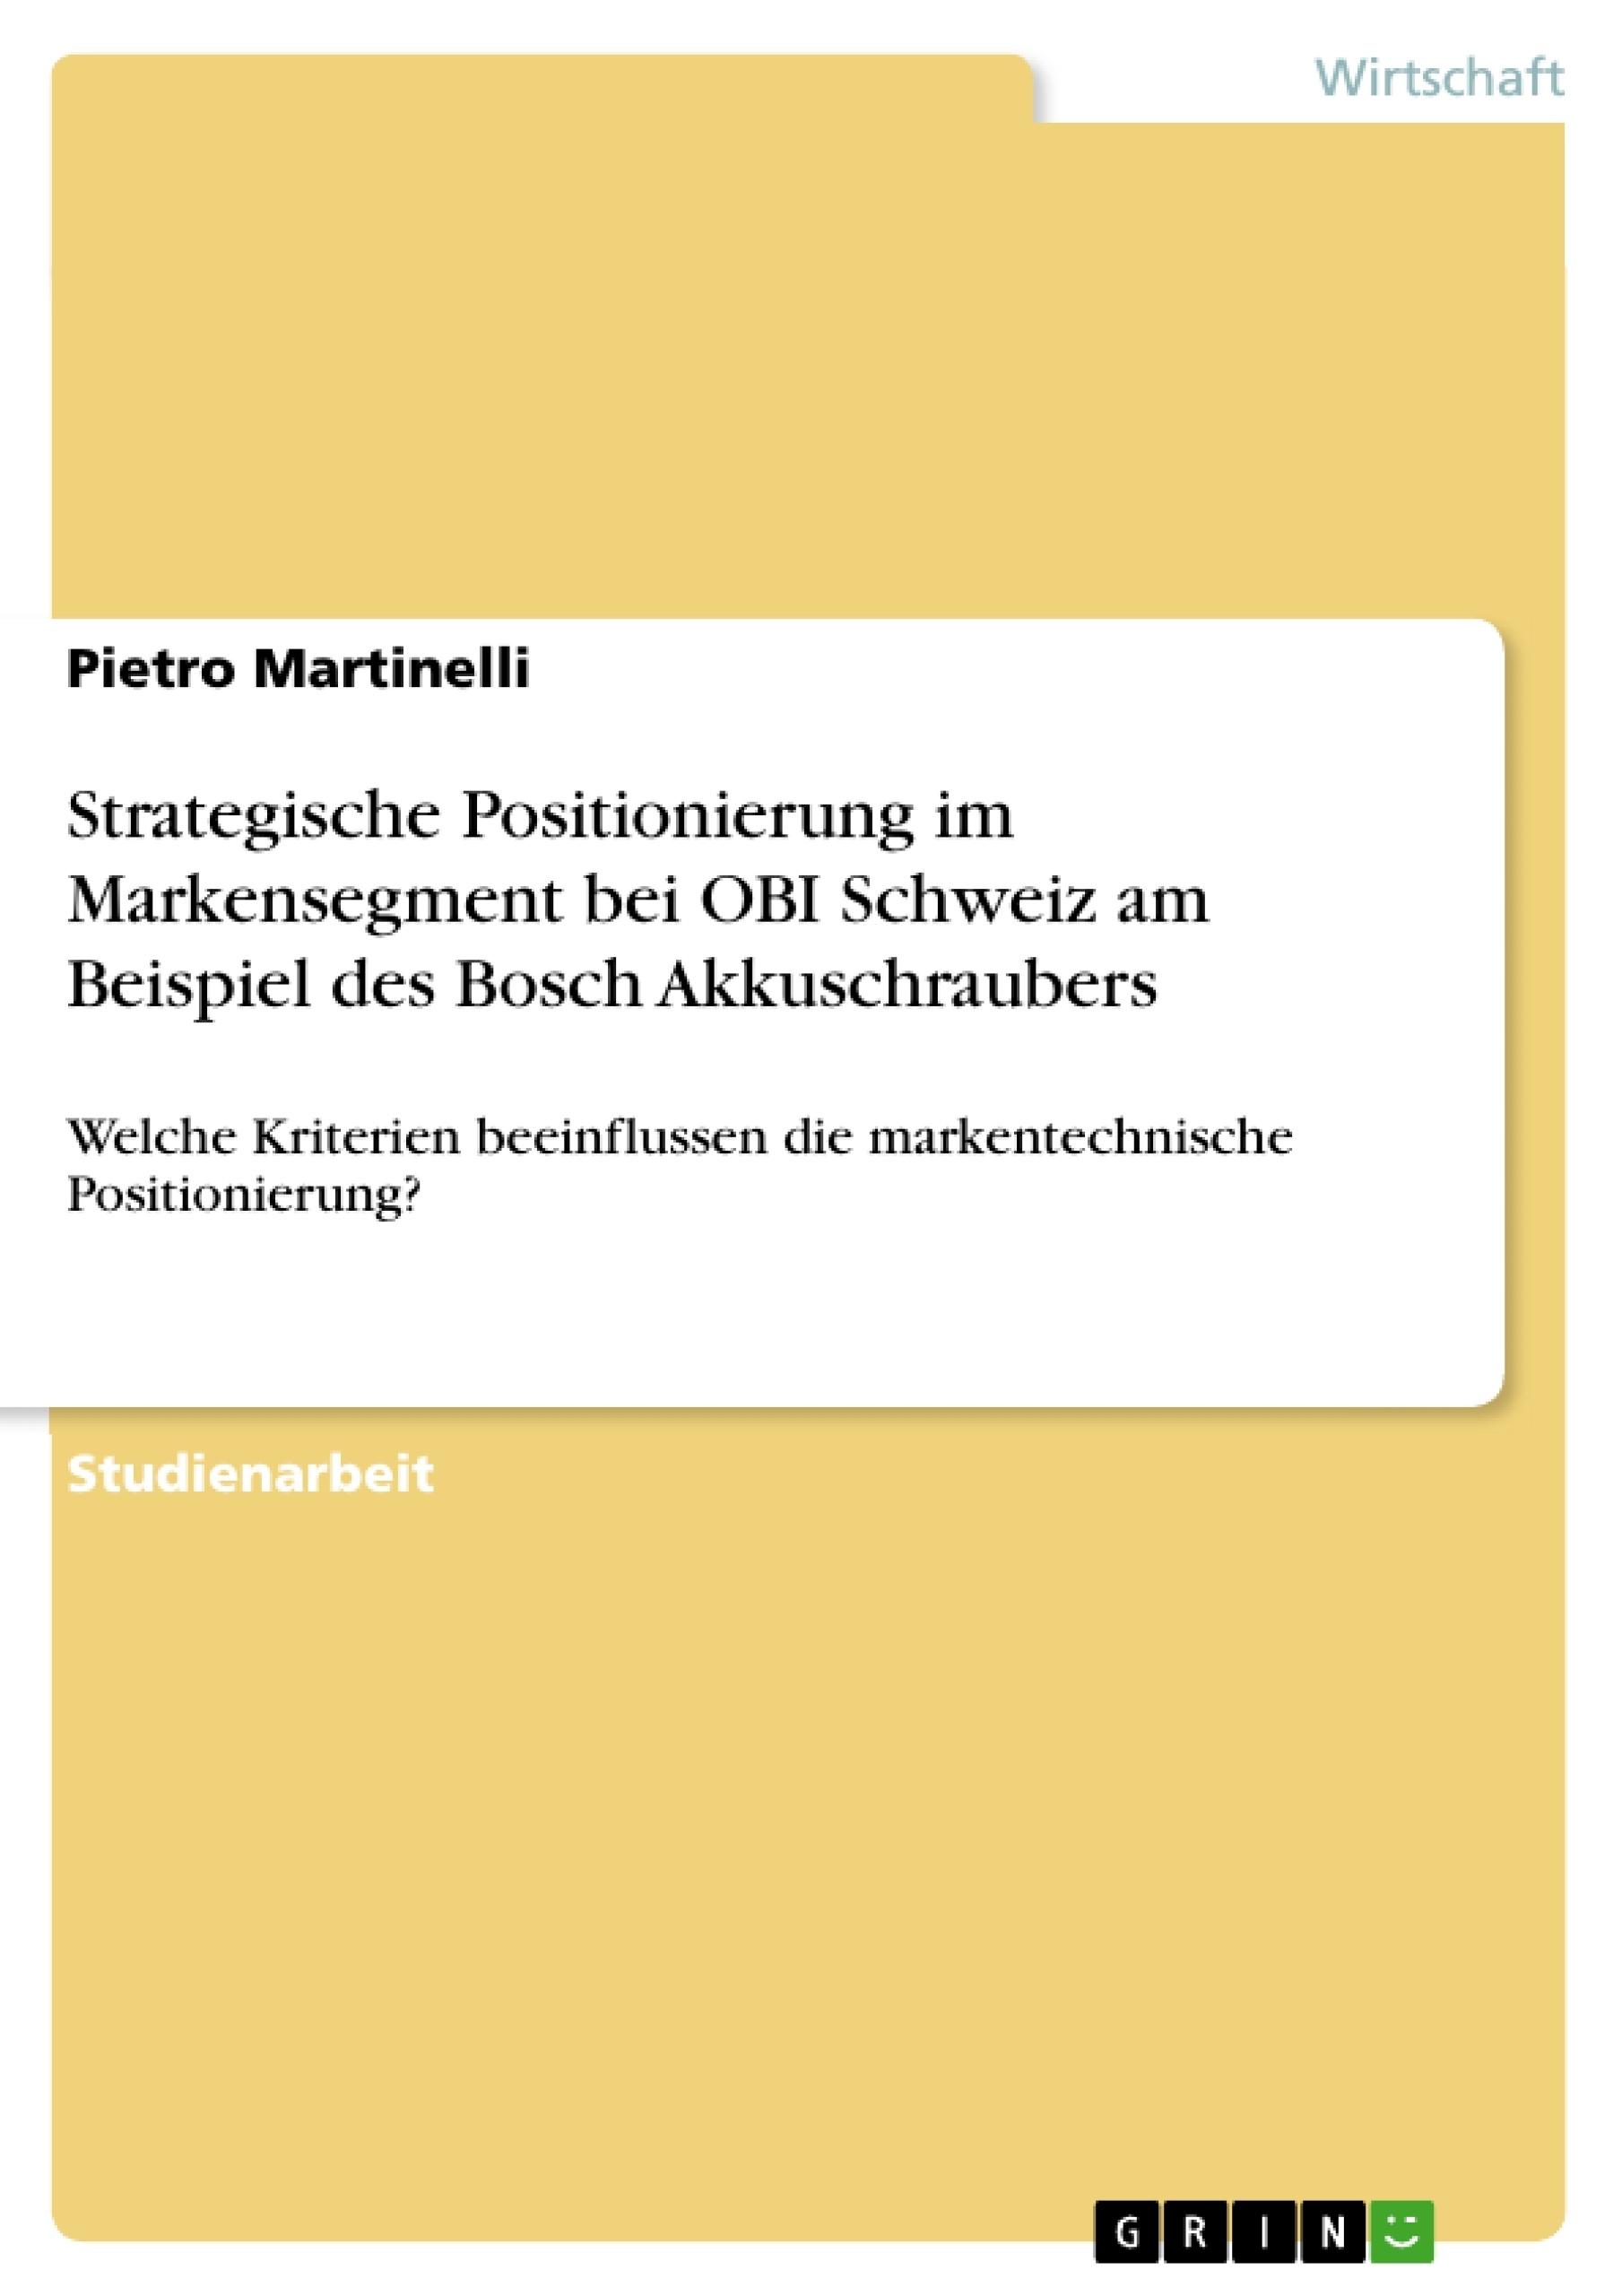 Titel: Strategische Positionierung im Markensegment bei OBI Schweiz am Beispiel des Bosch Akkuschraubers